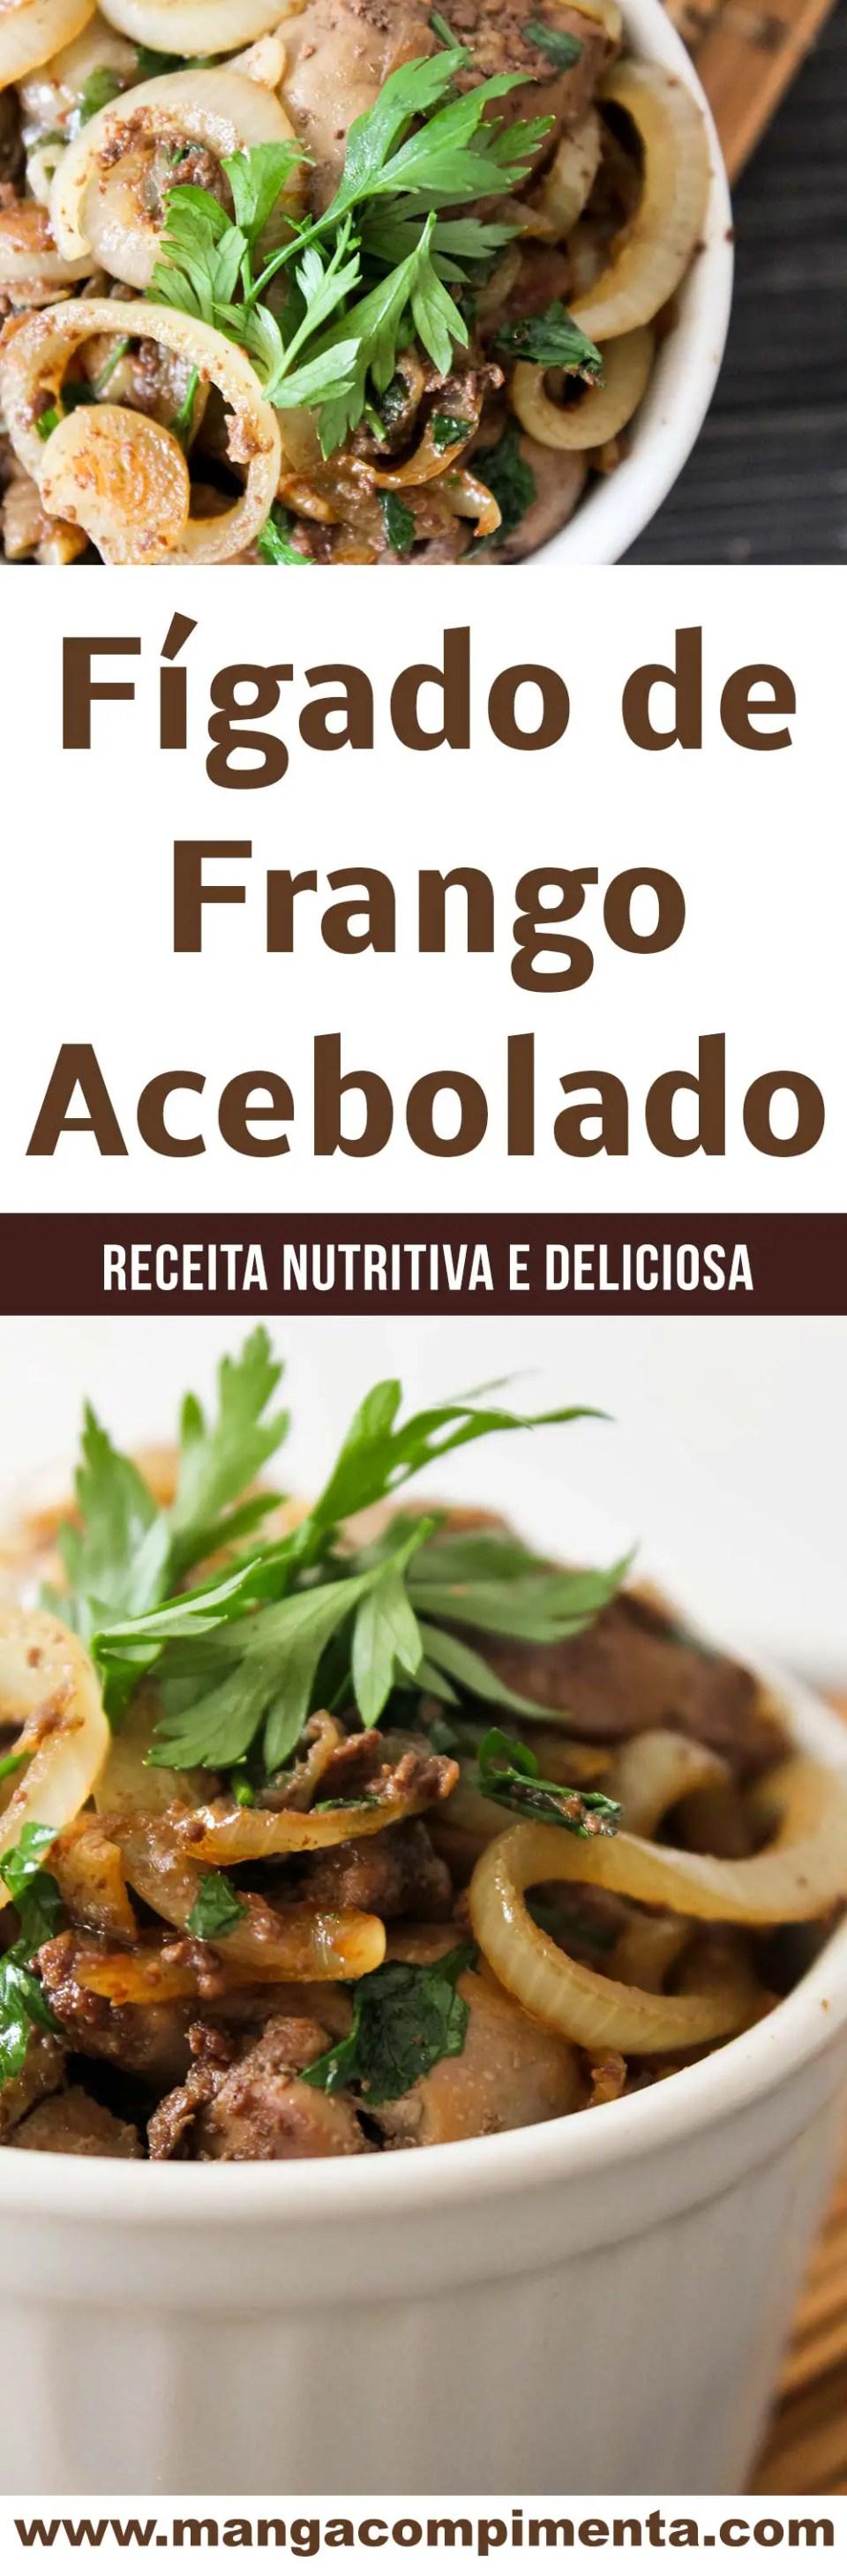 Fígado de Galinha Acebolado - um delicioso prato nutritivo para o almoço da semana!